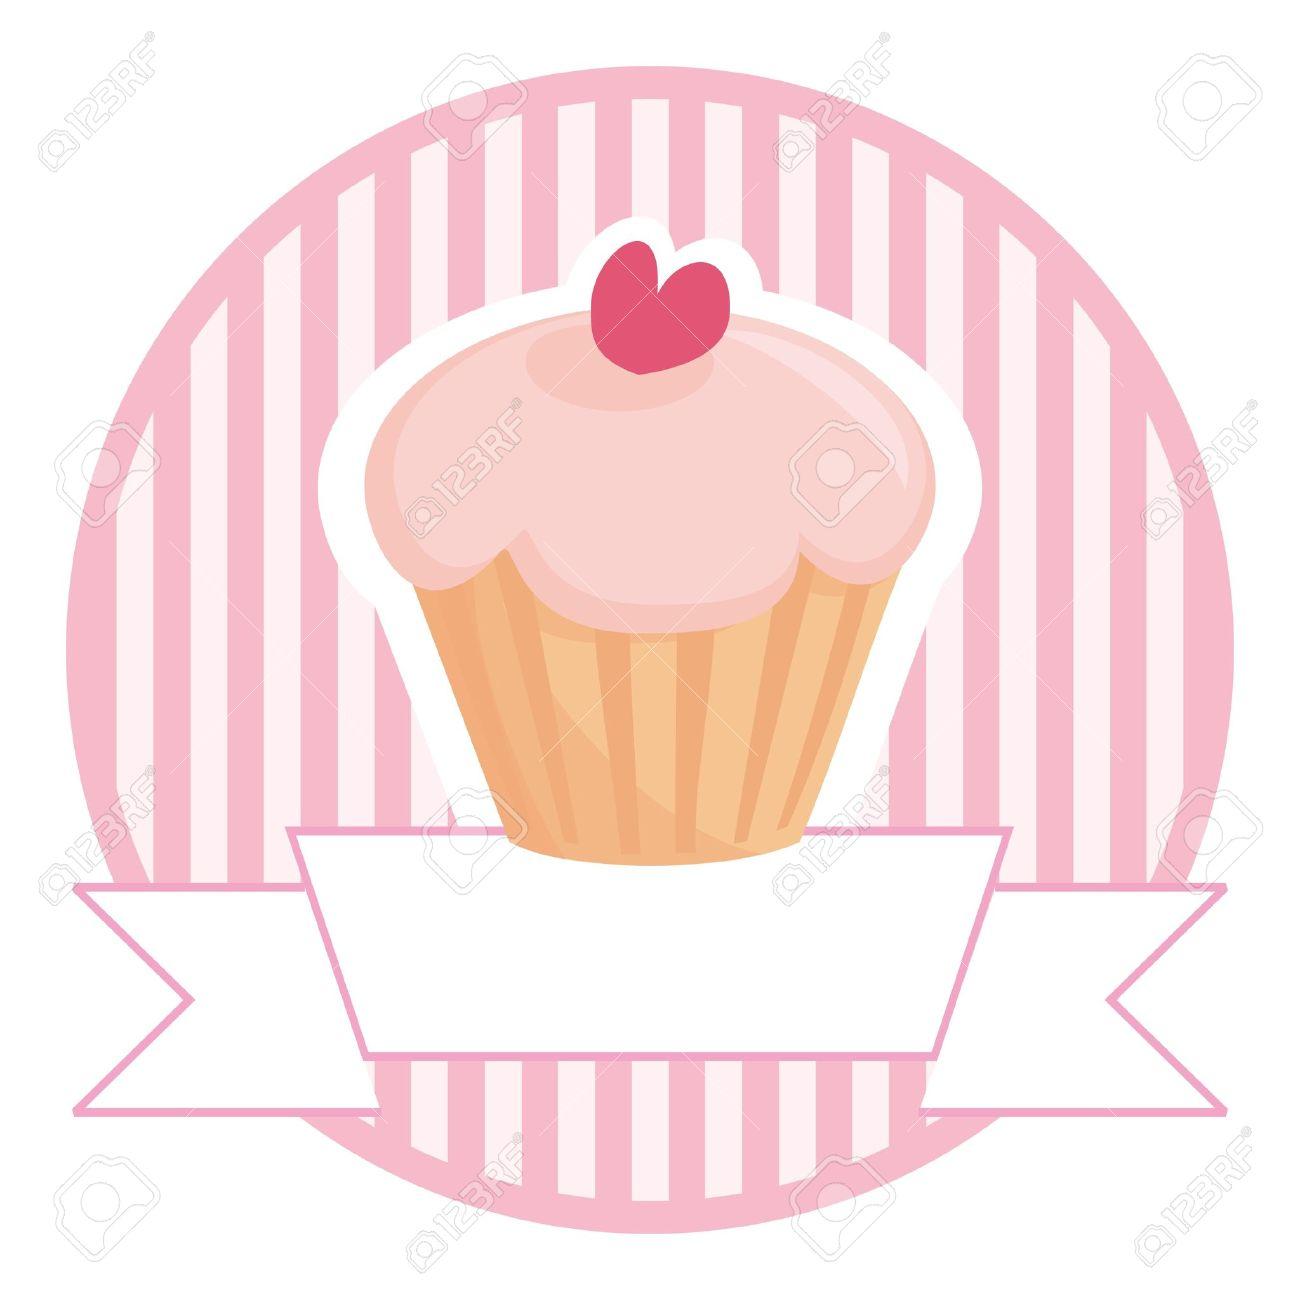 Susses Retro Cupcake Auf Rosa Streifen Vintage Hintergrund Mit Weissen